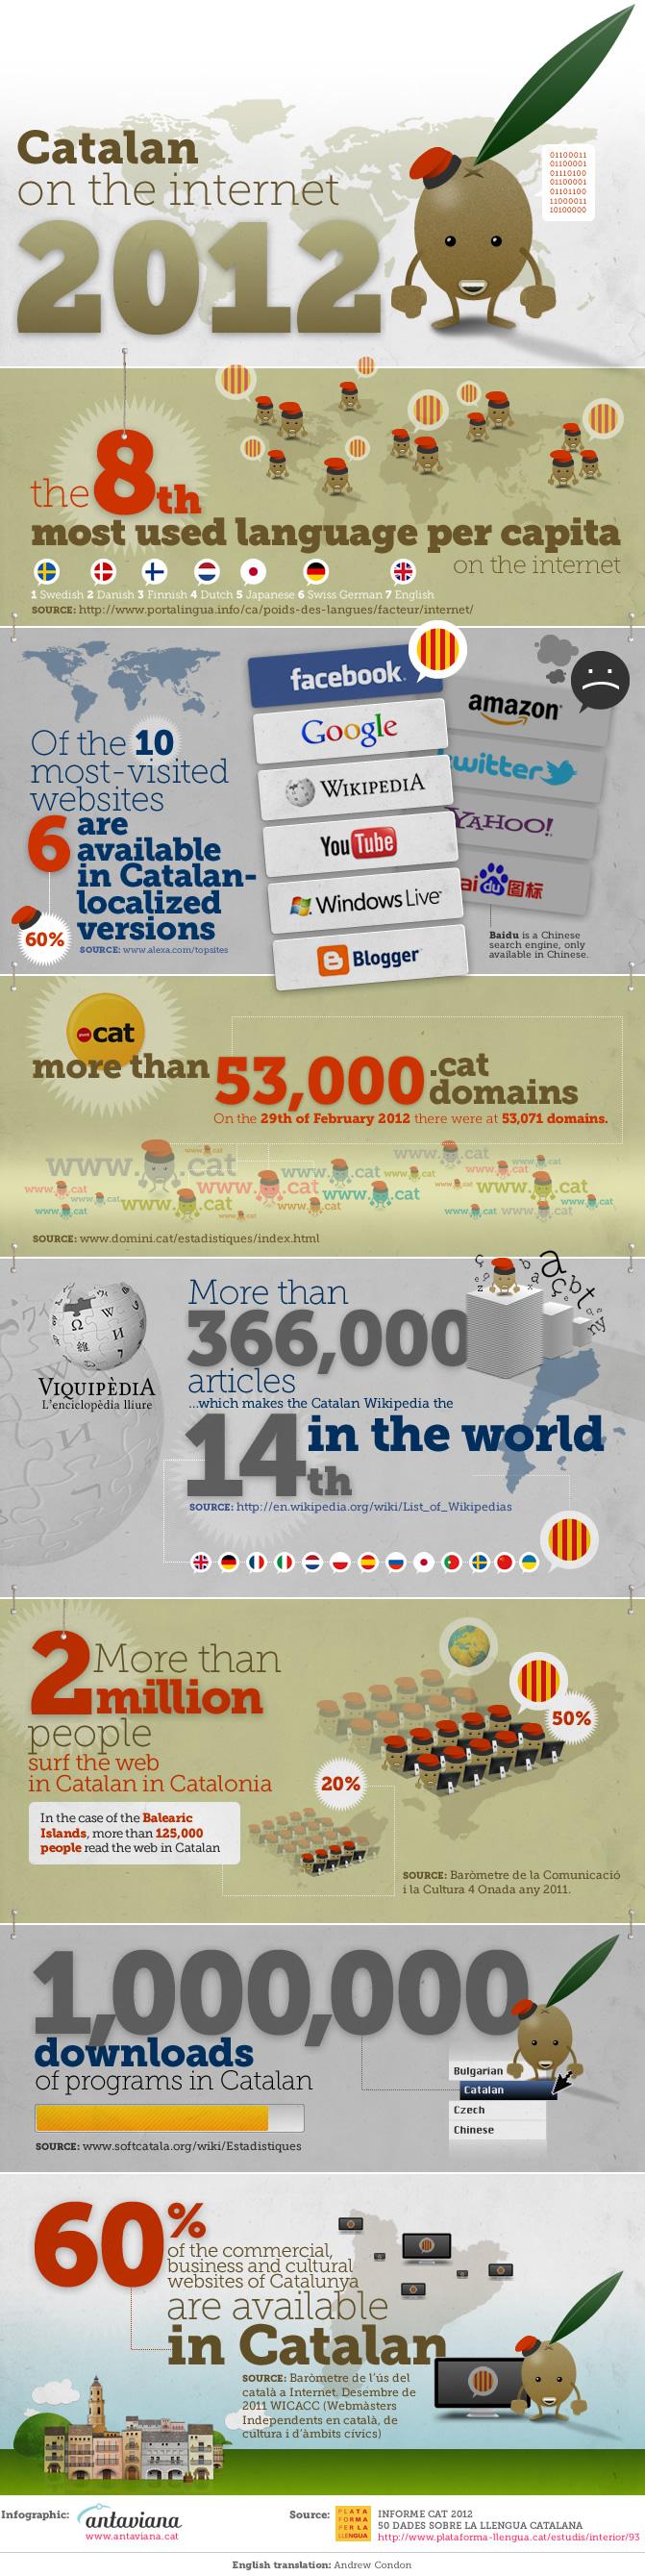 infografia-antaviana-catalan-on-the-internet-2012-blog-de-hostalia-hosting